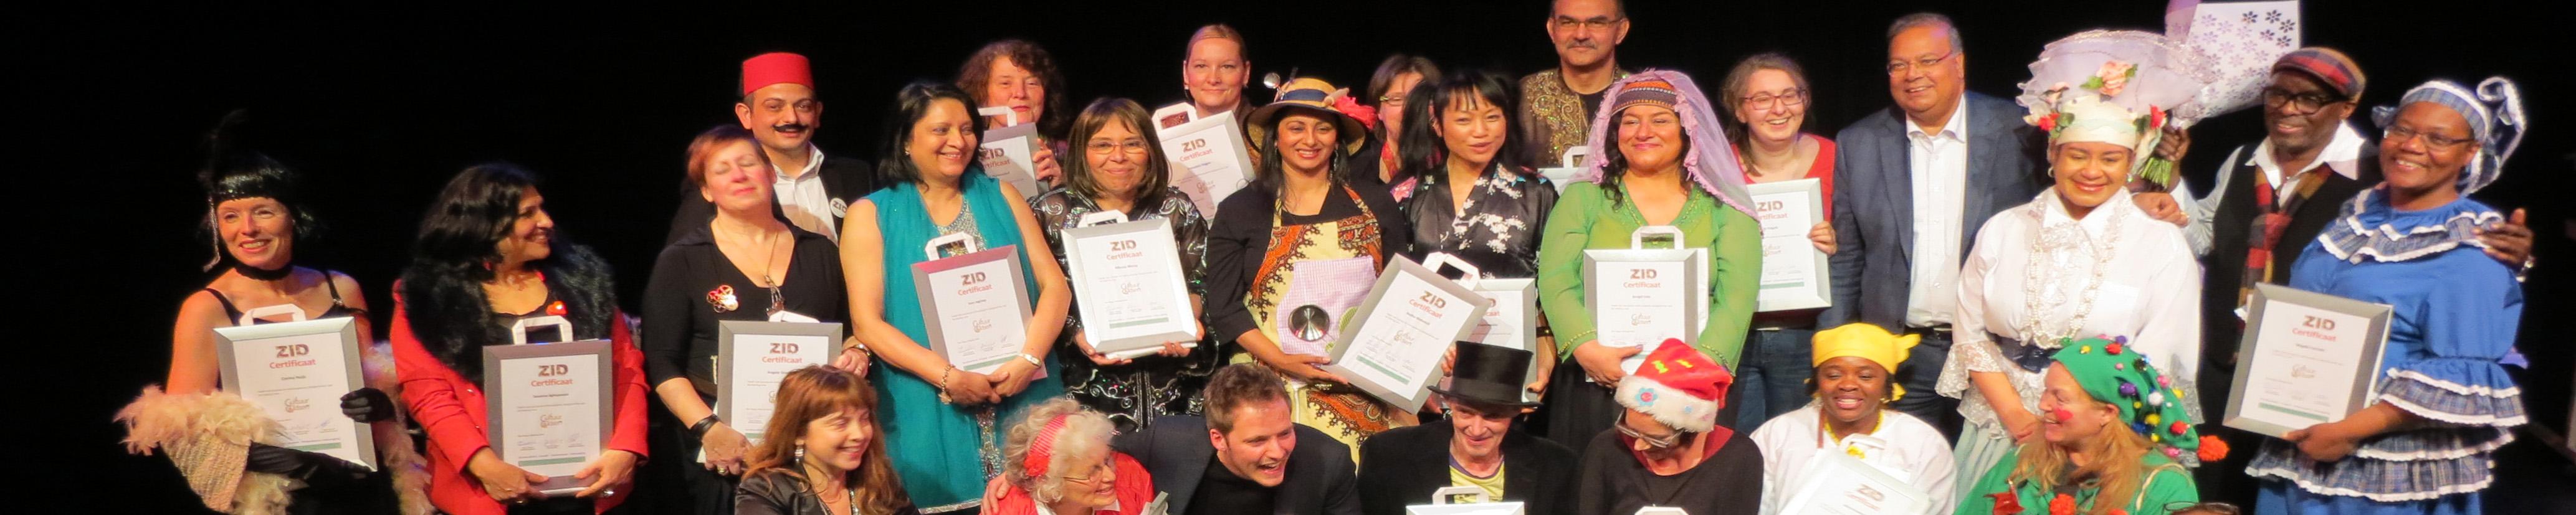 Cultuurgidsen Den Haag ontvangen hun certificaat